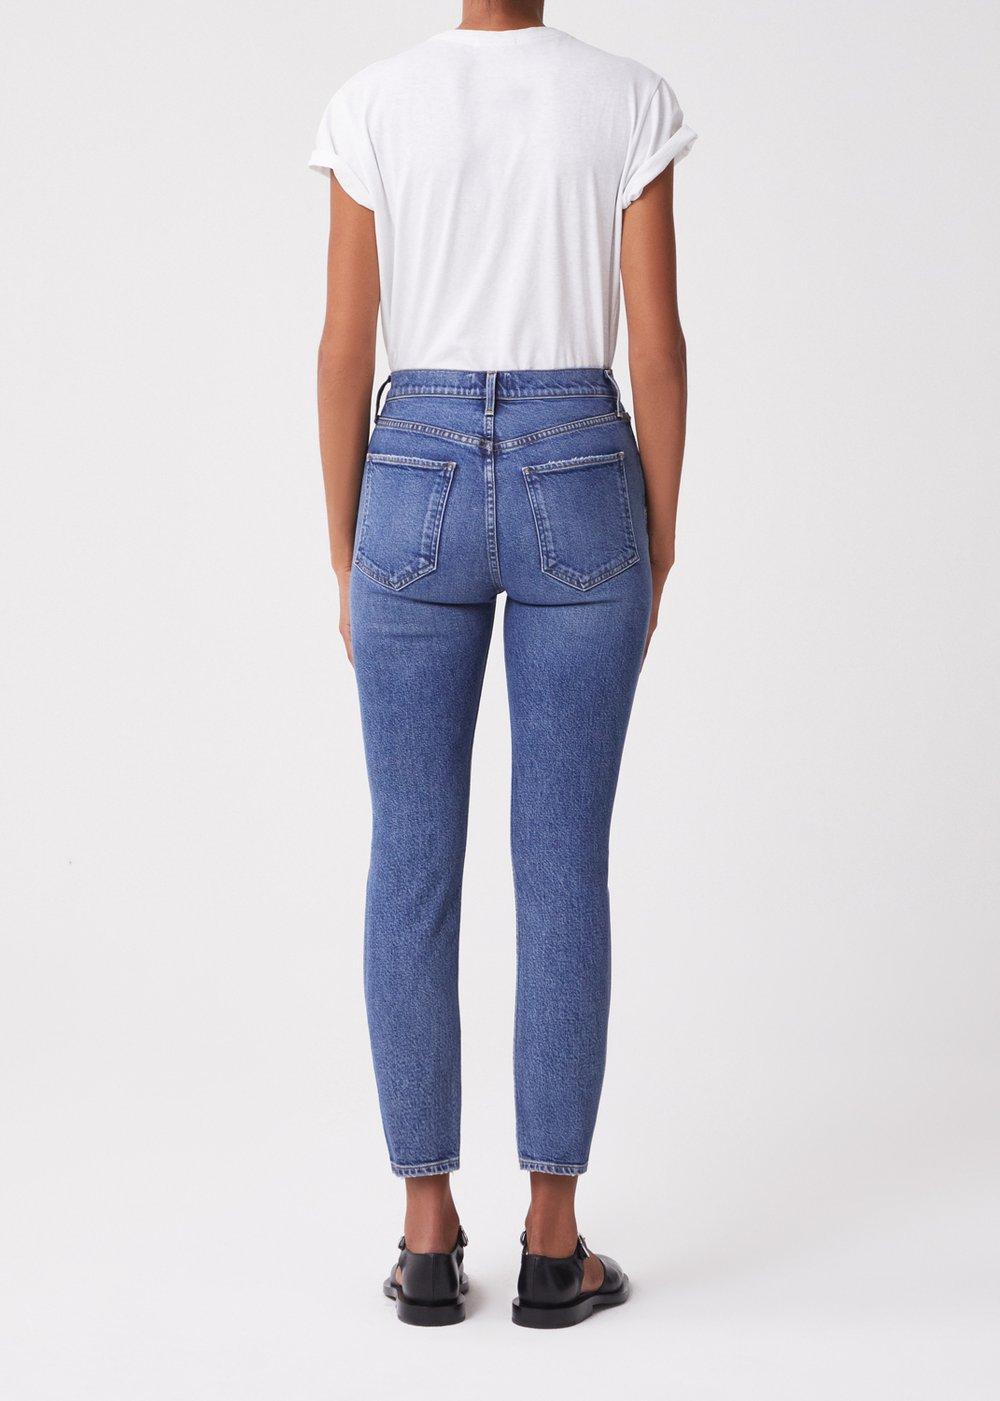 A056D-1255, Jeans, Riley, Medium Indigo, AGOLDE